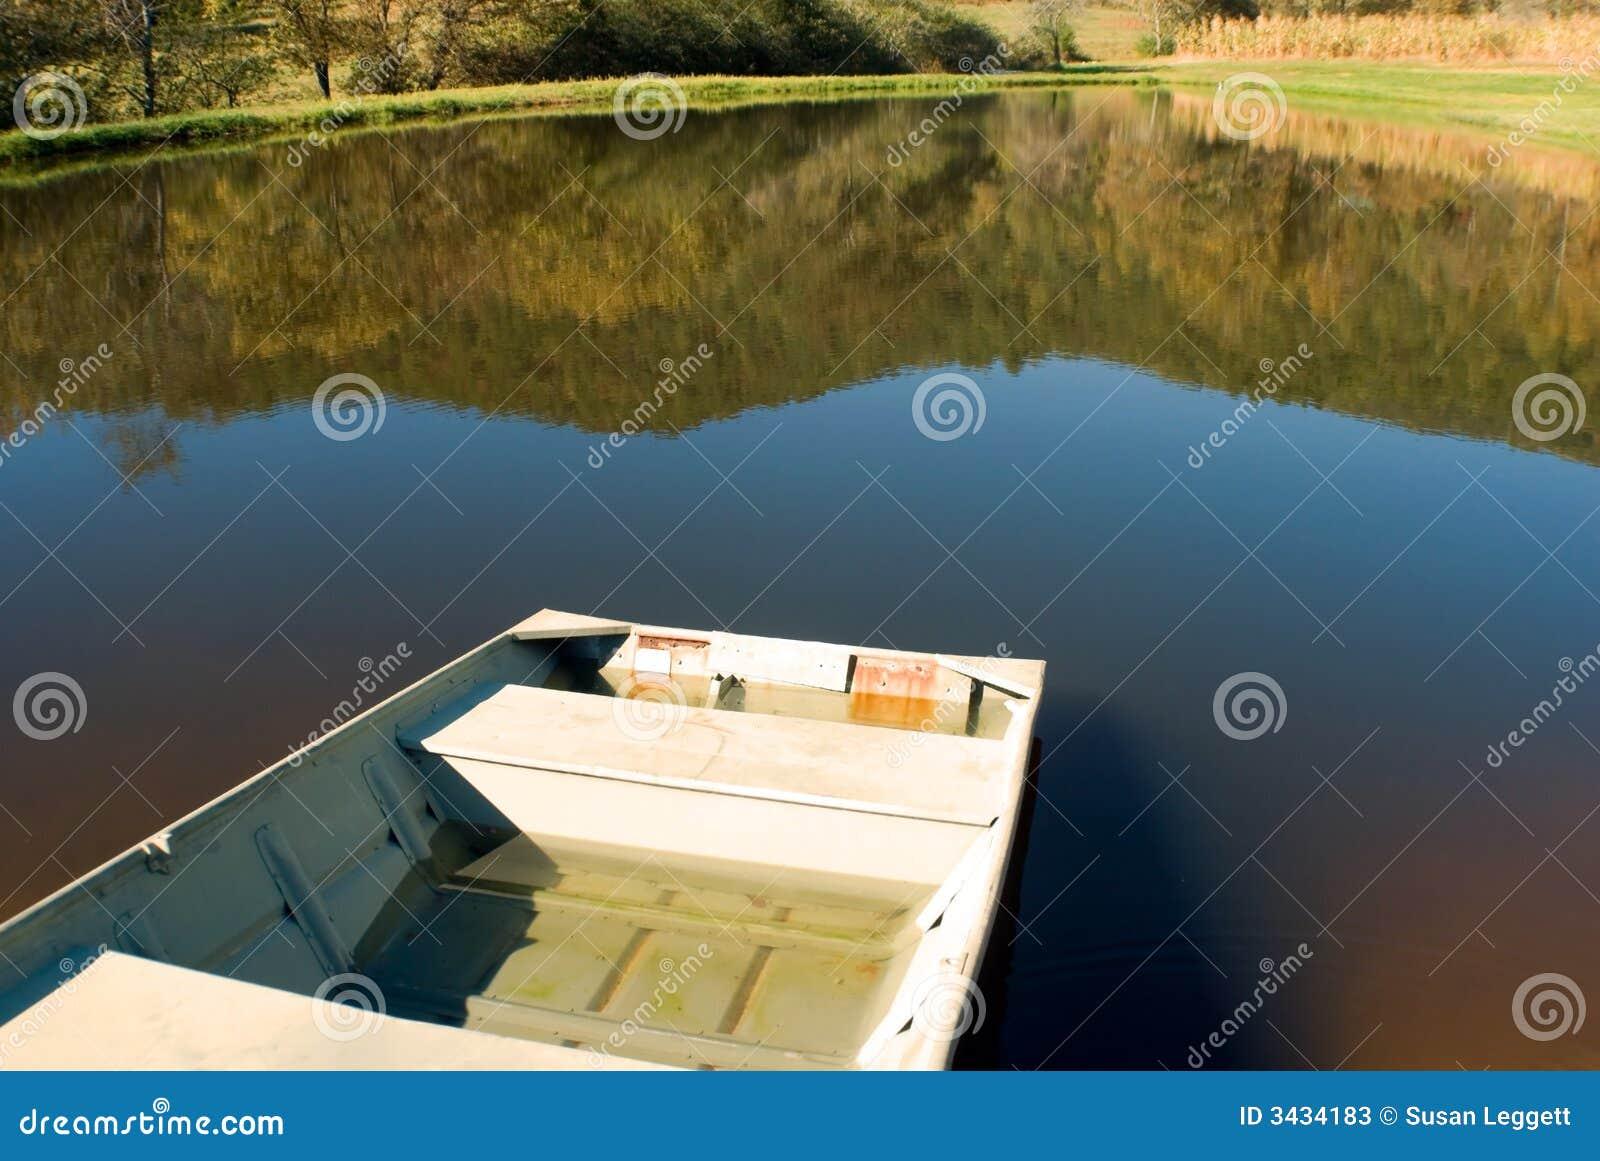 Barco na lagoa pequena